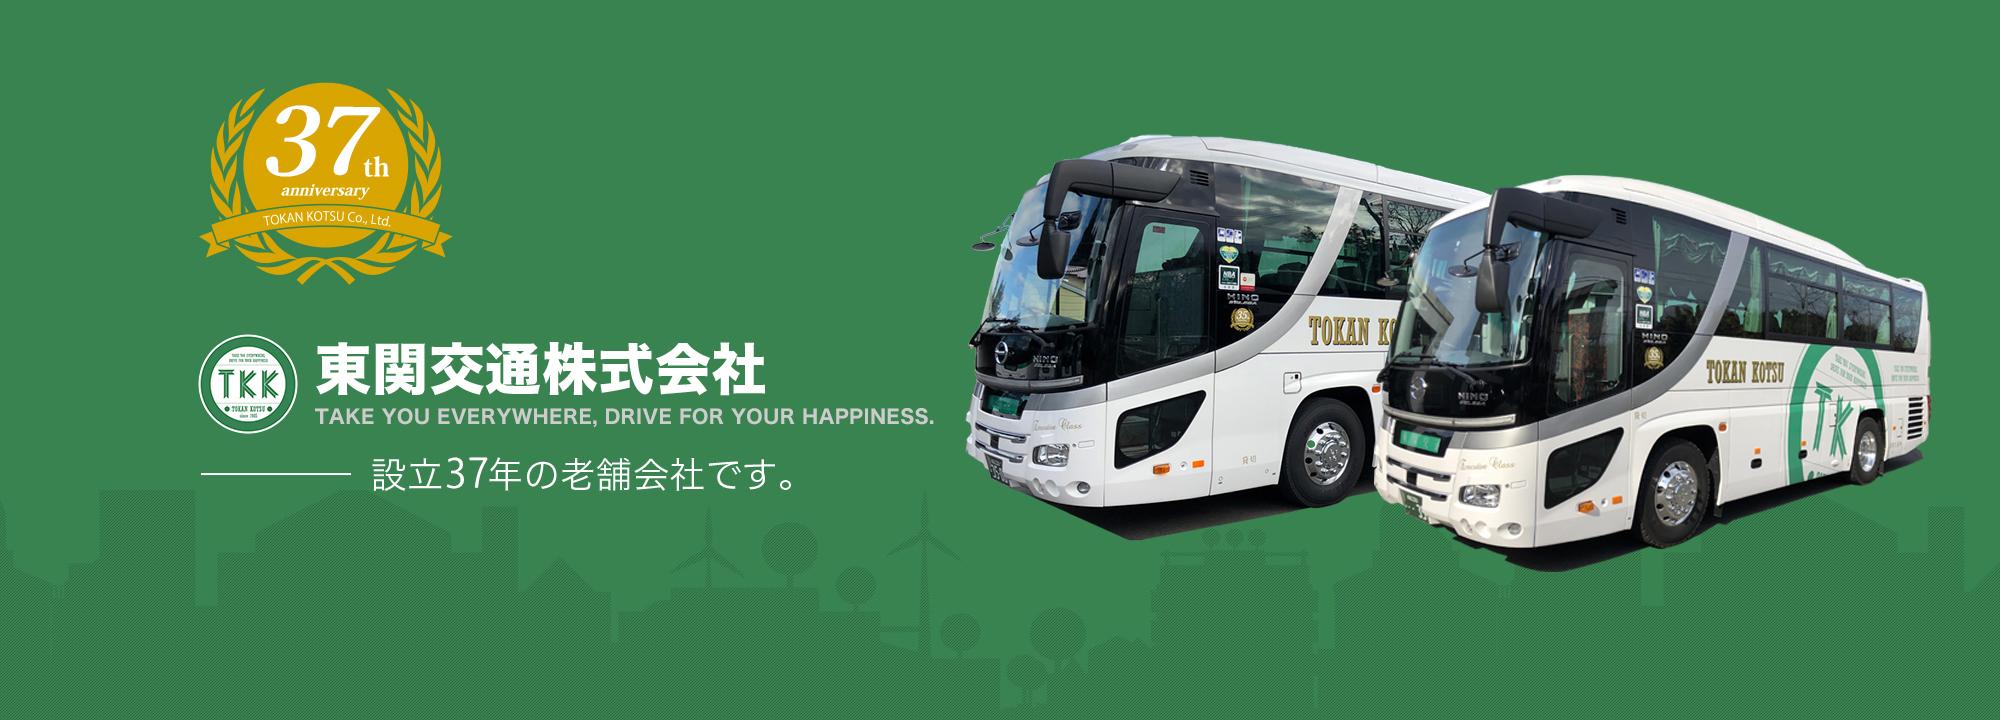 東関交通株式会社。設立35年の老舗会社です。